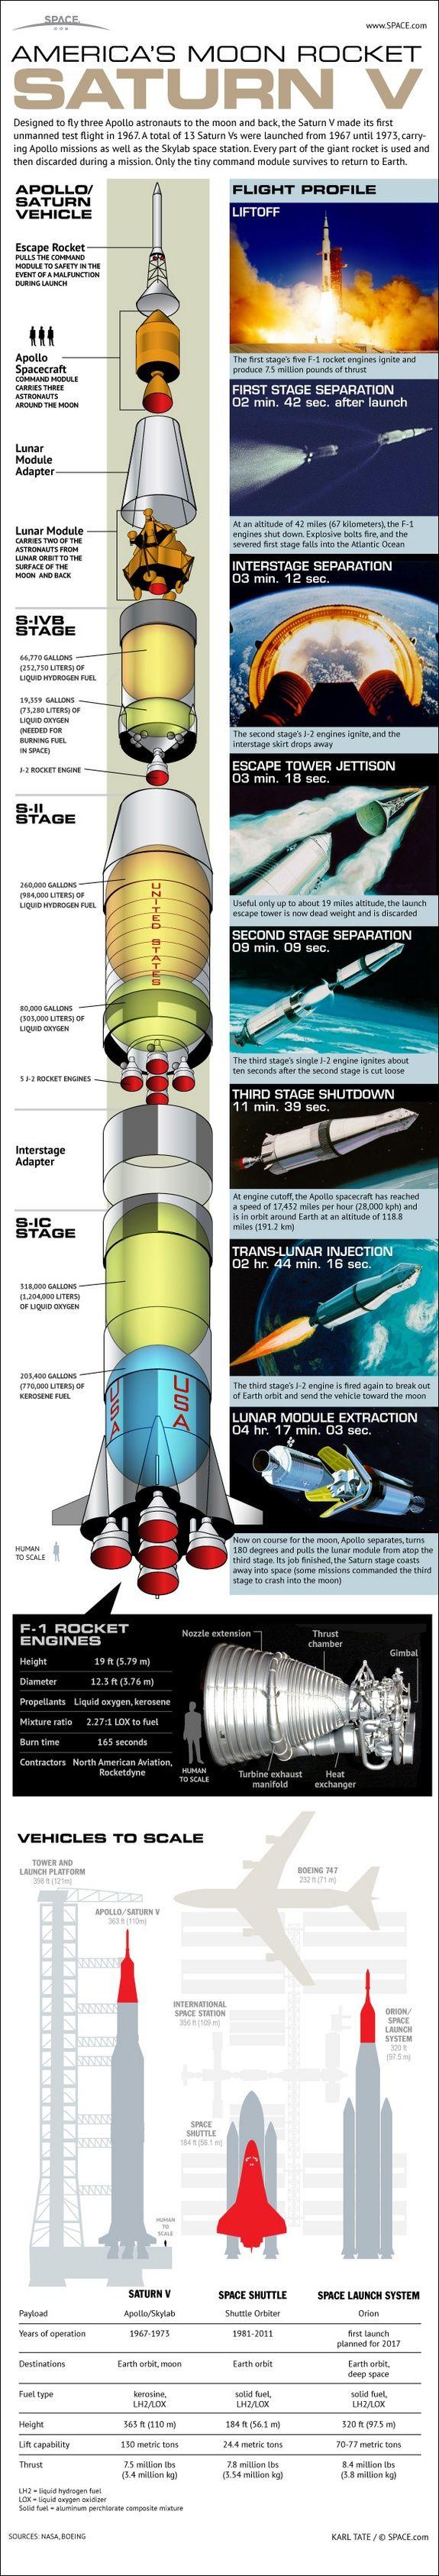 Apollo Graphics